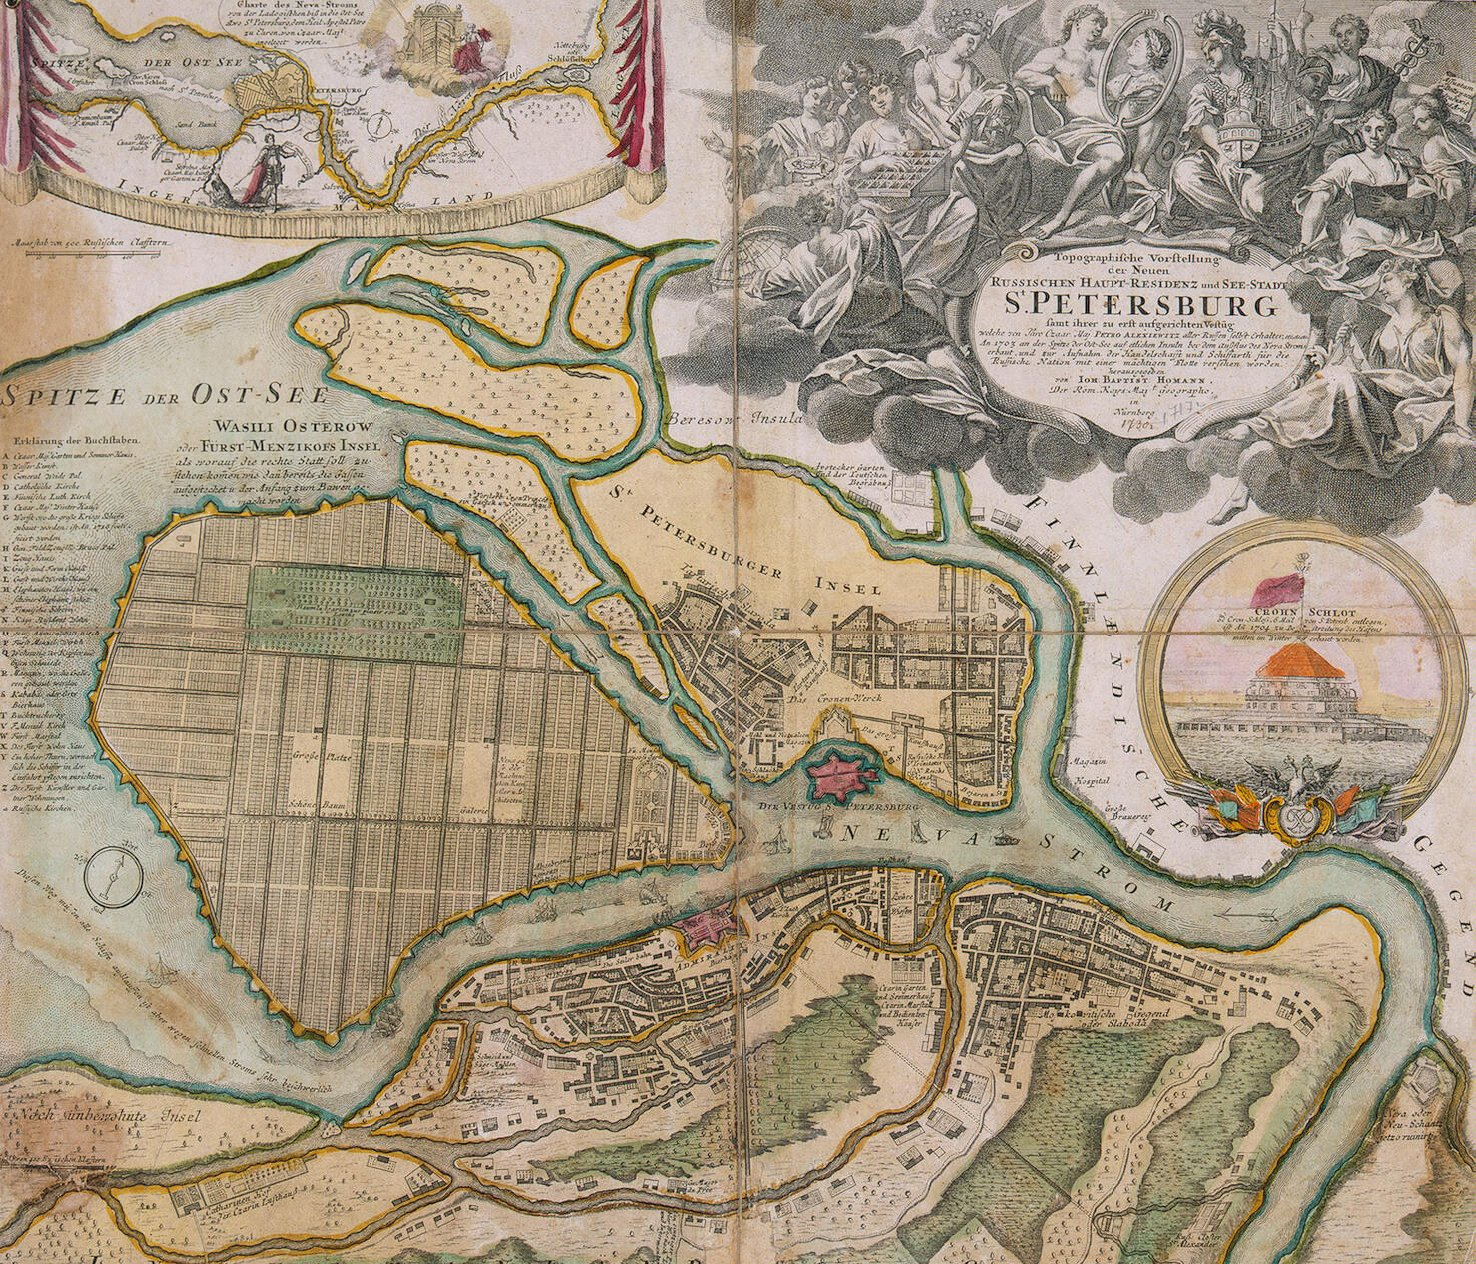 Генеральный план 1716–1717 годов, Доменико Трезини, 1716 г. Автор:  Johann Homann